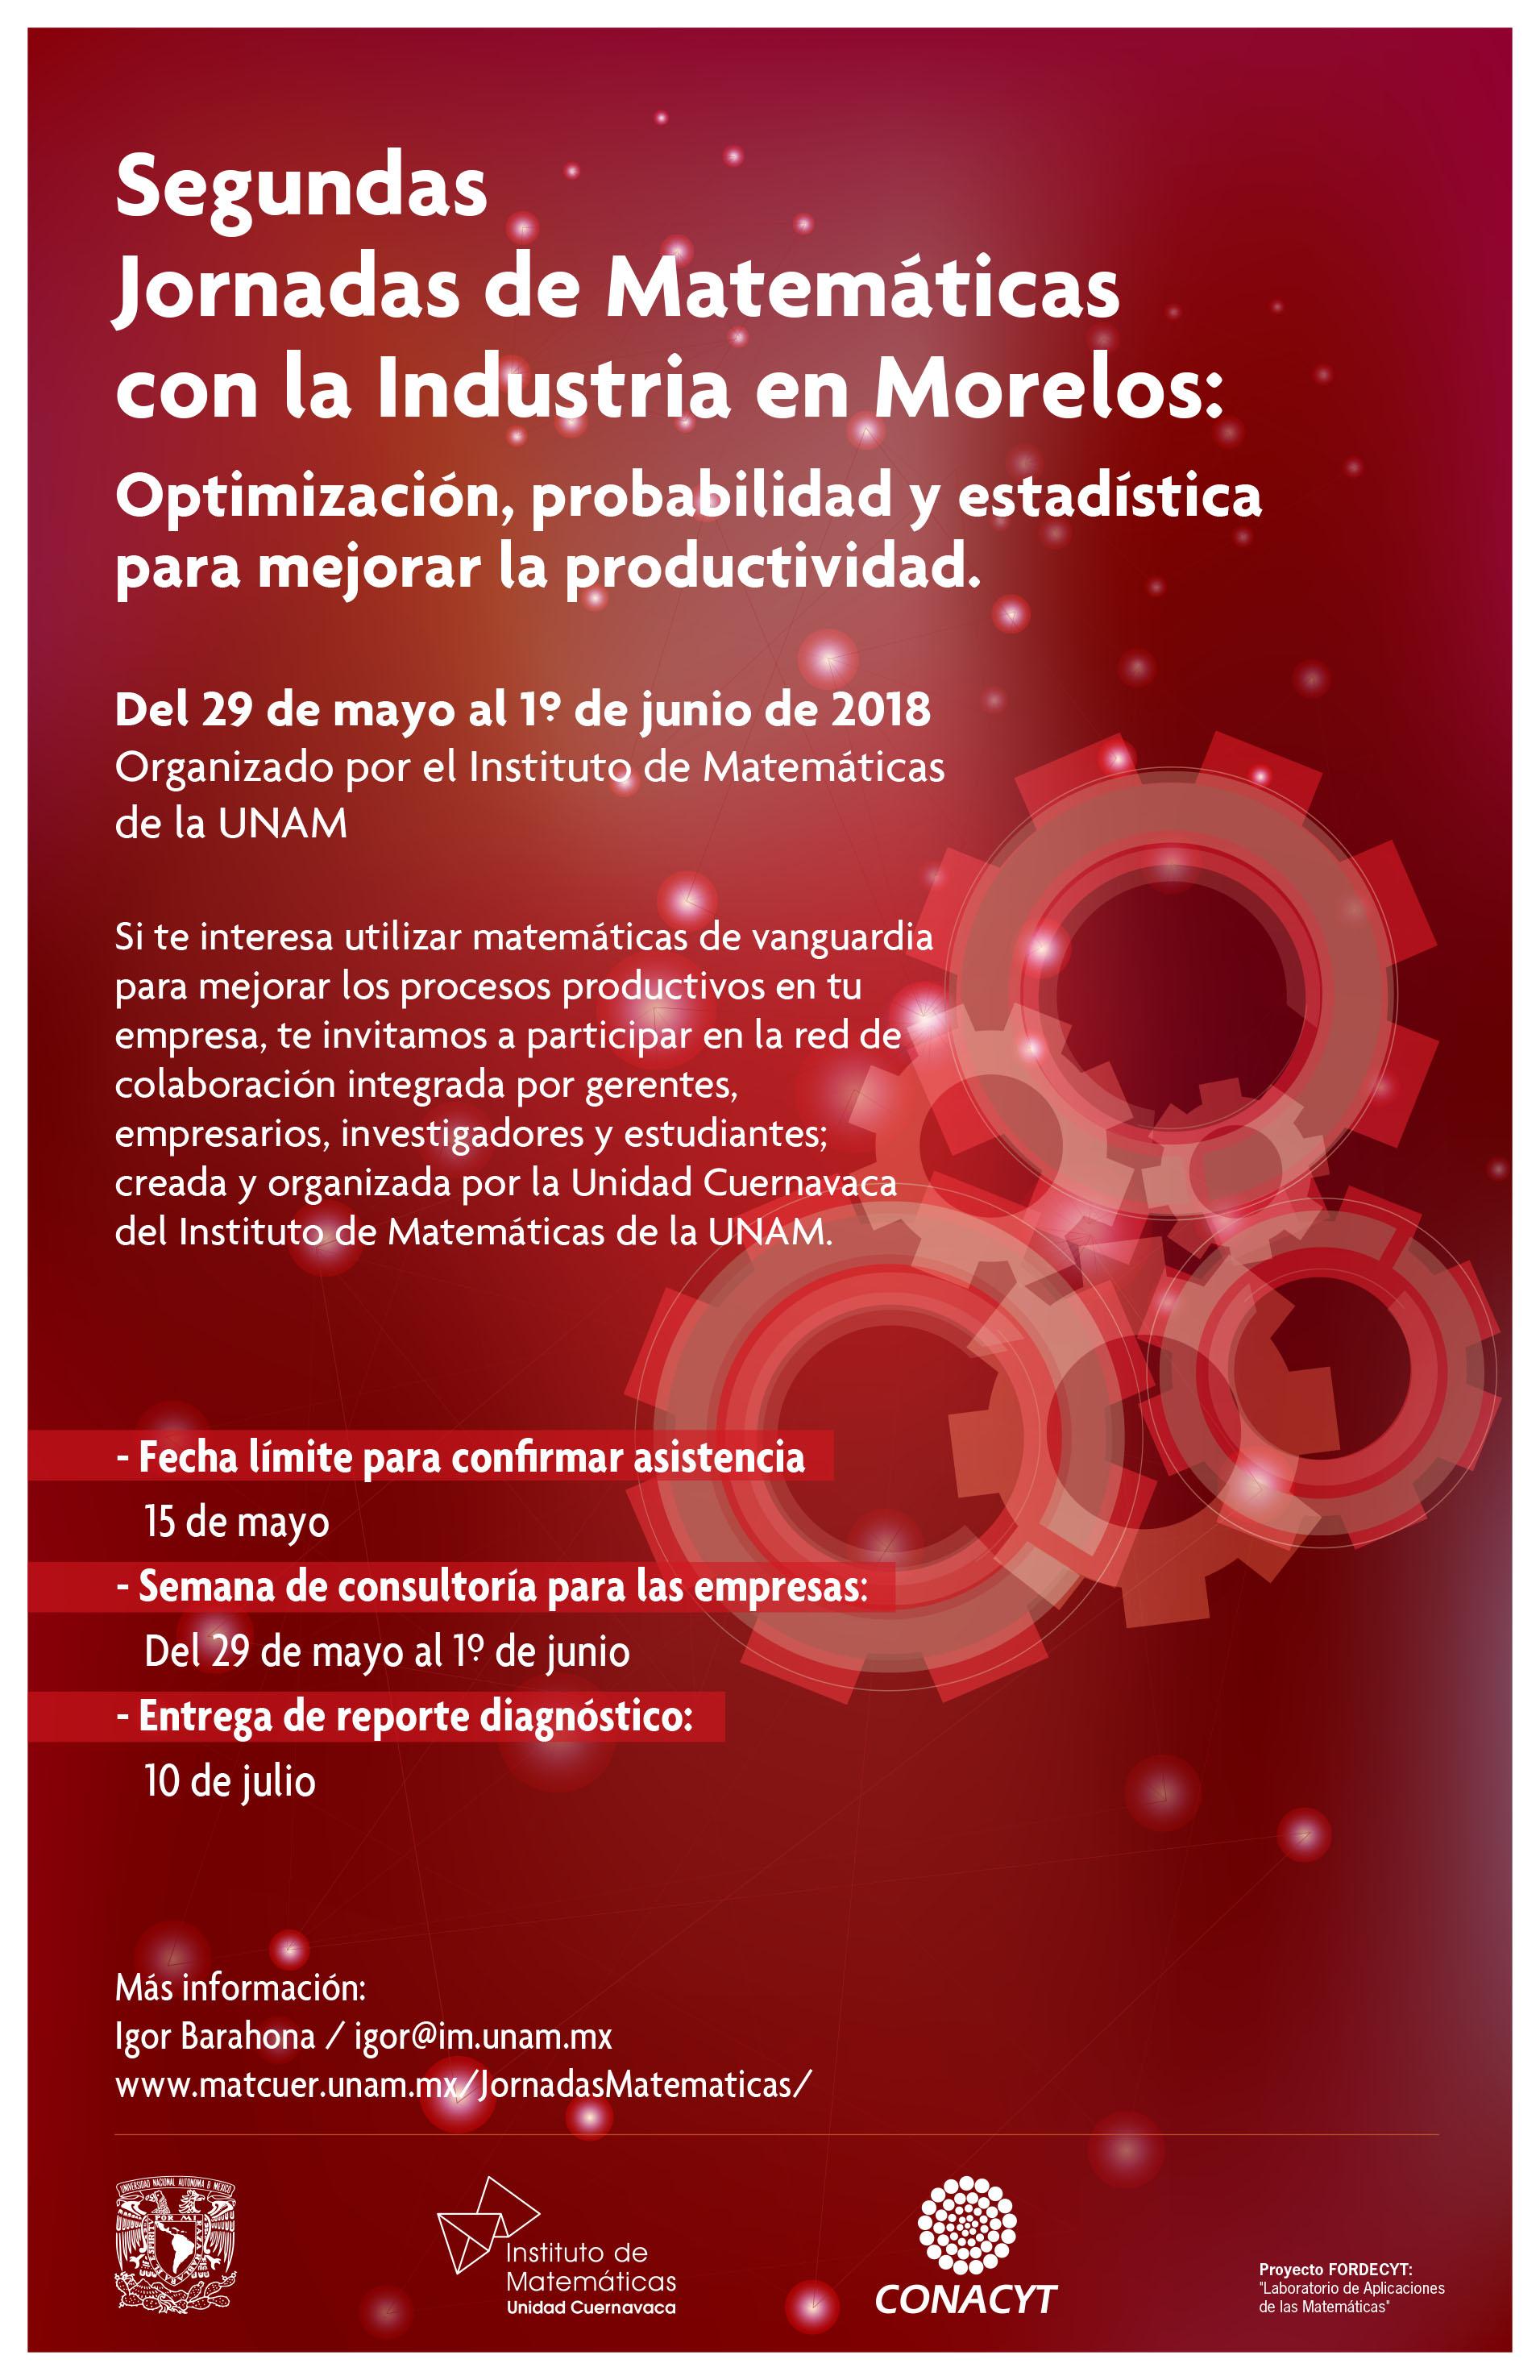 Segundas Jornadas de Matemáticas con la Industria en Morelos